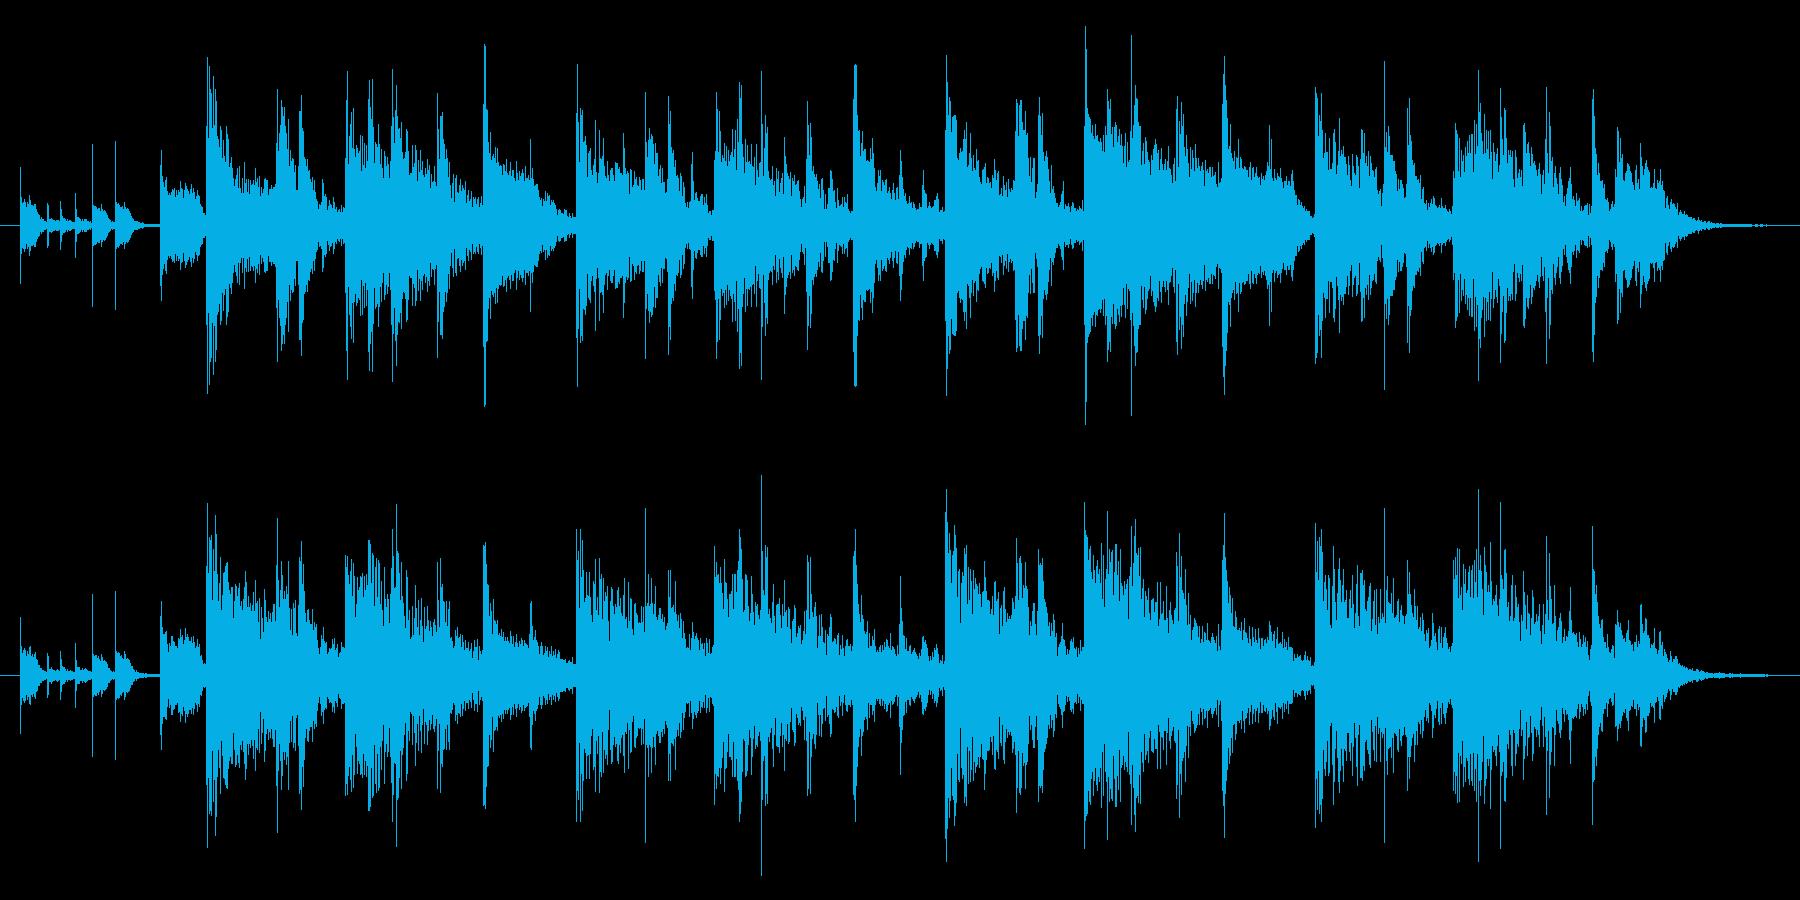 ファンク/ギター/ラジオ/ジングルの再生済みの波形